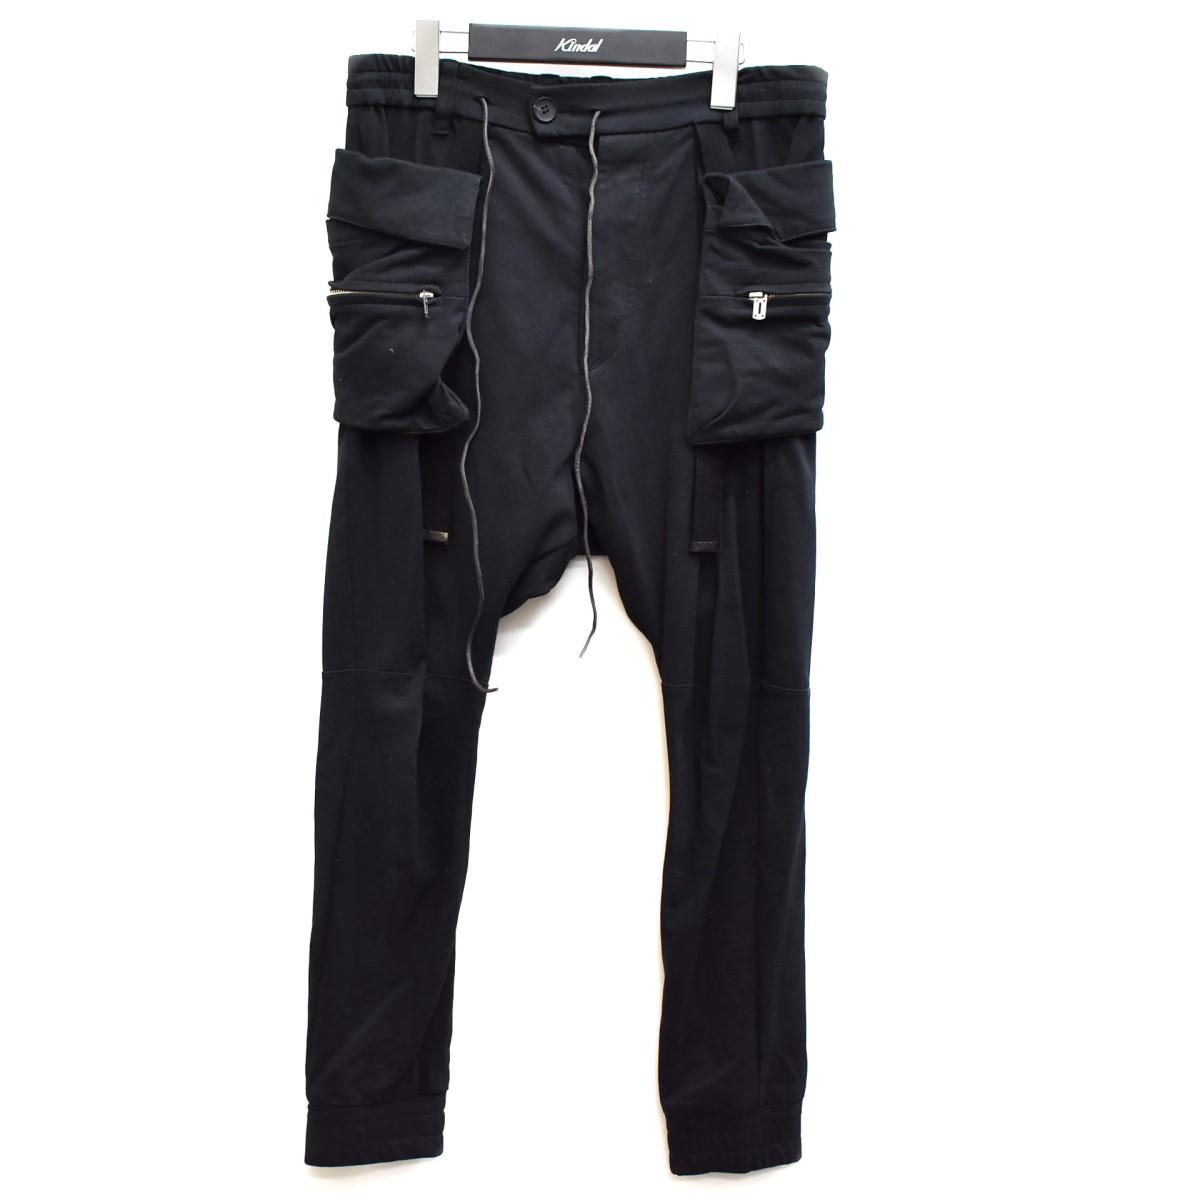 メンズファッション, ズボン・パンツ DHYGEN Flap bag drop crotch pants jog 1 150821